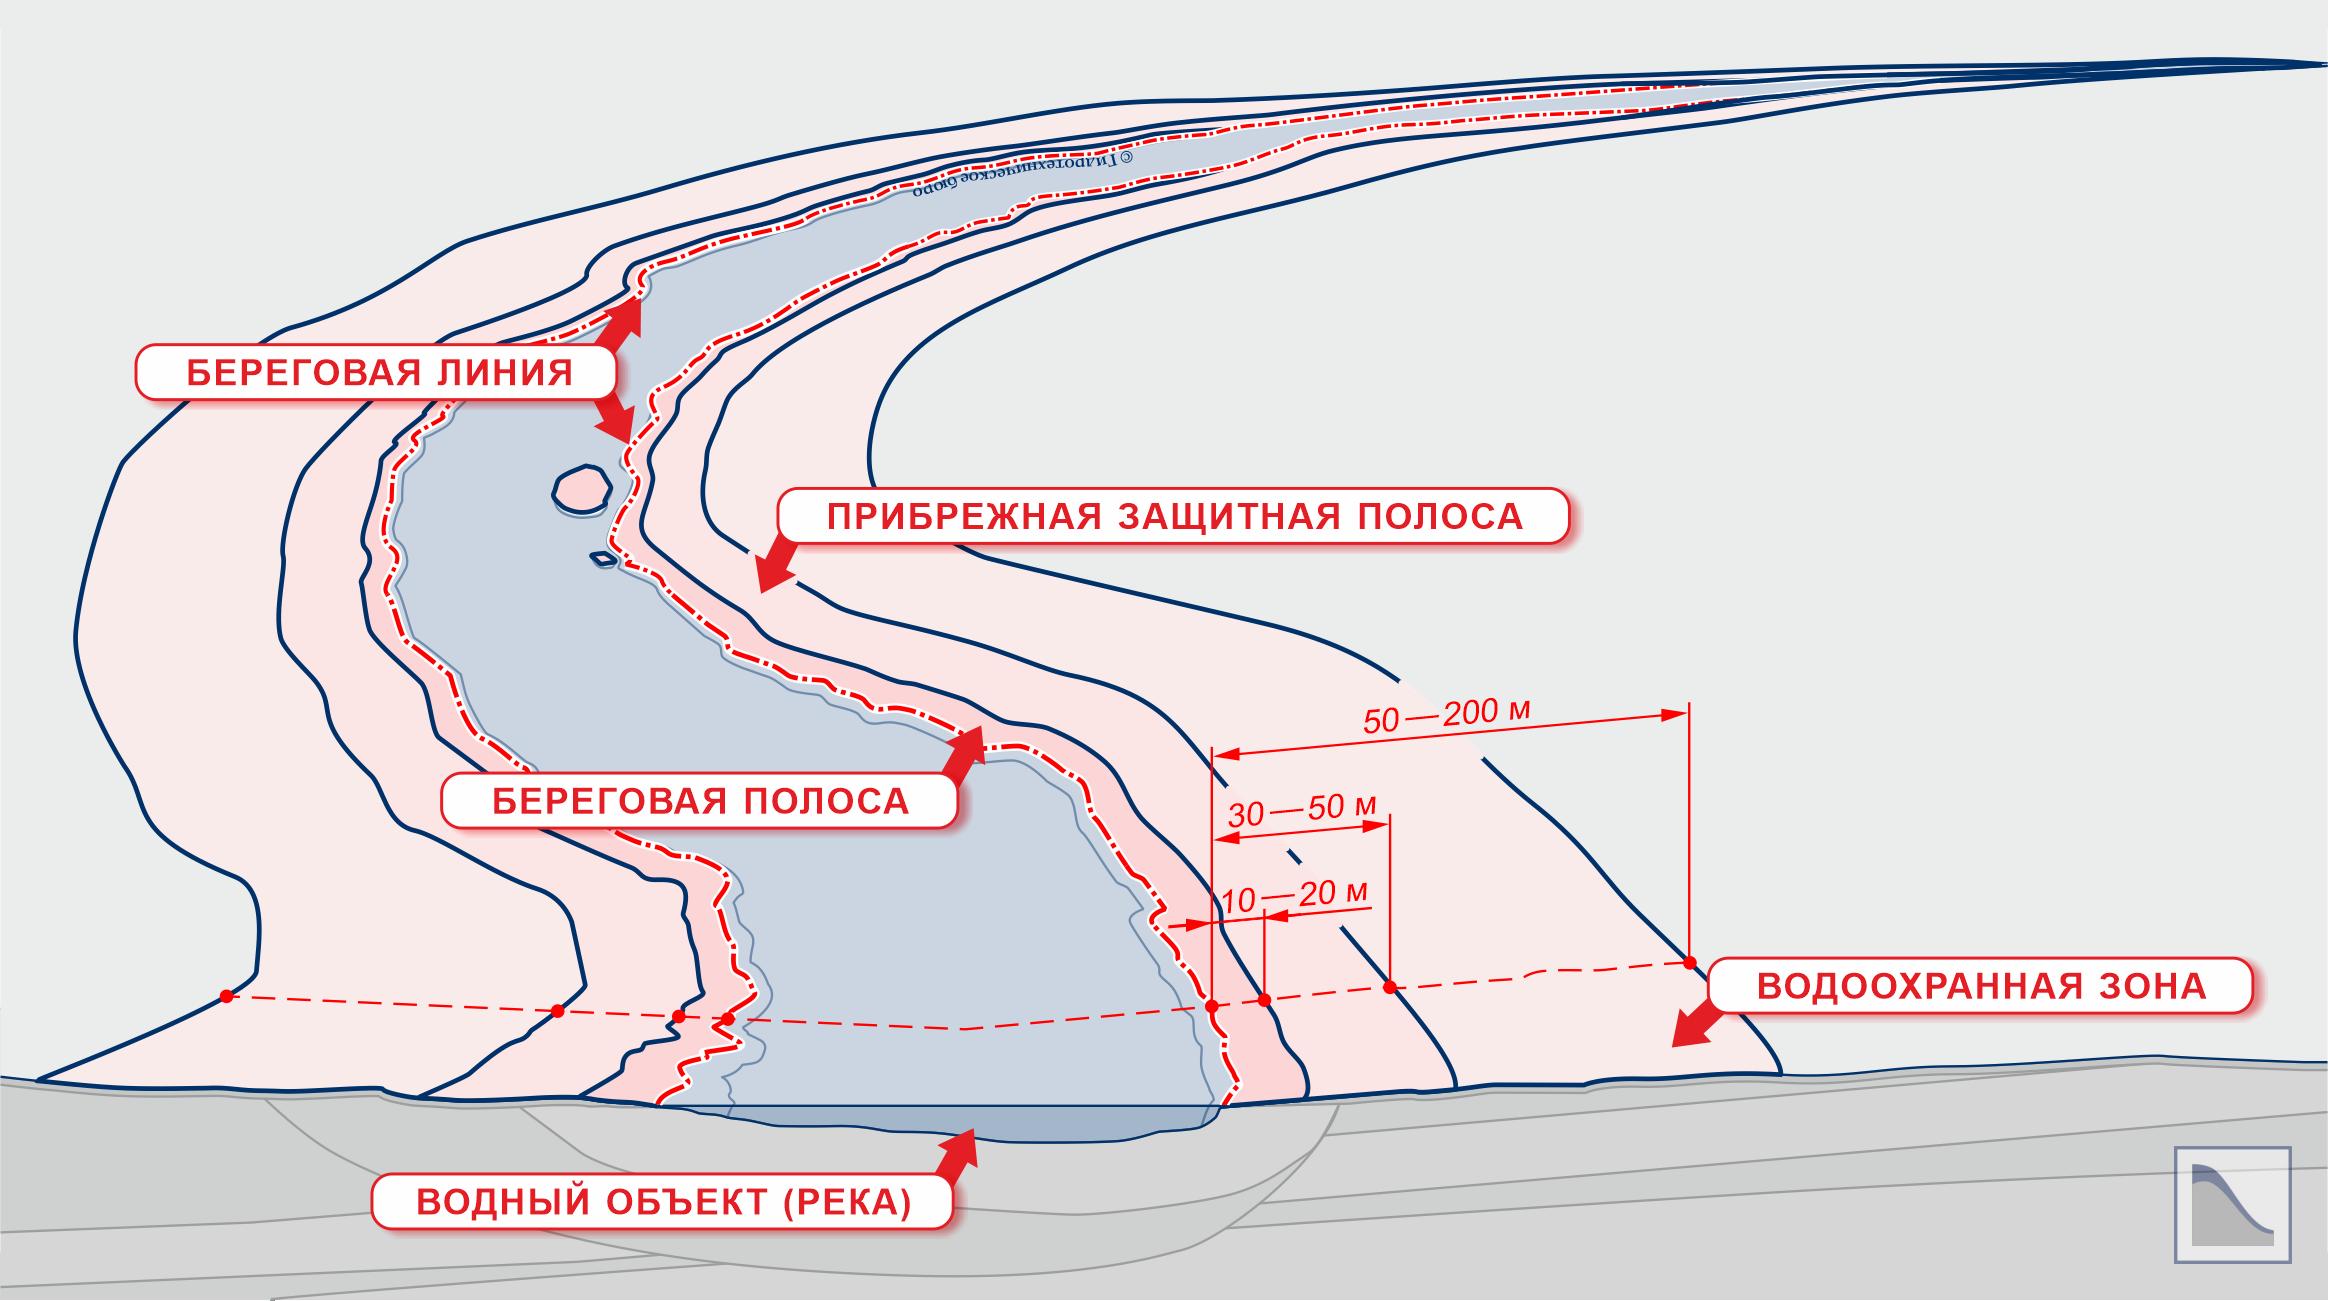 Схема по определению водоохранной зоны и прибрежной защитной территории